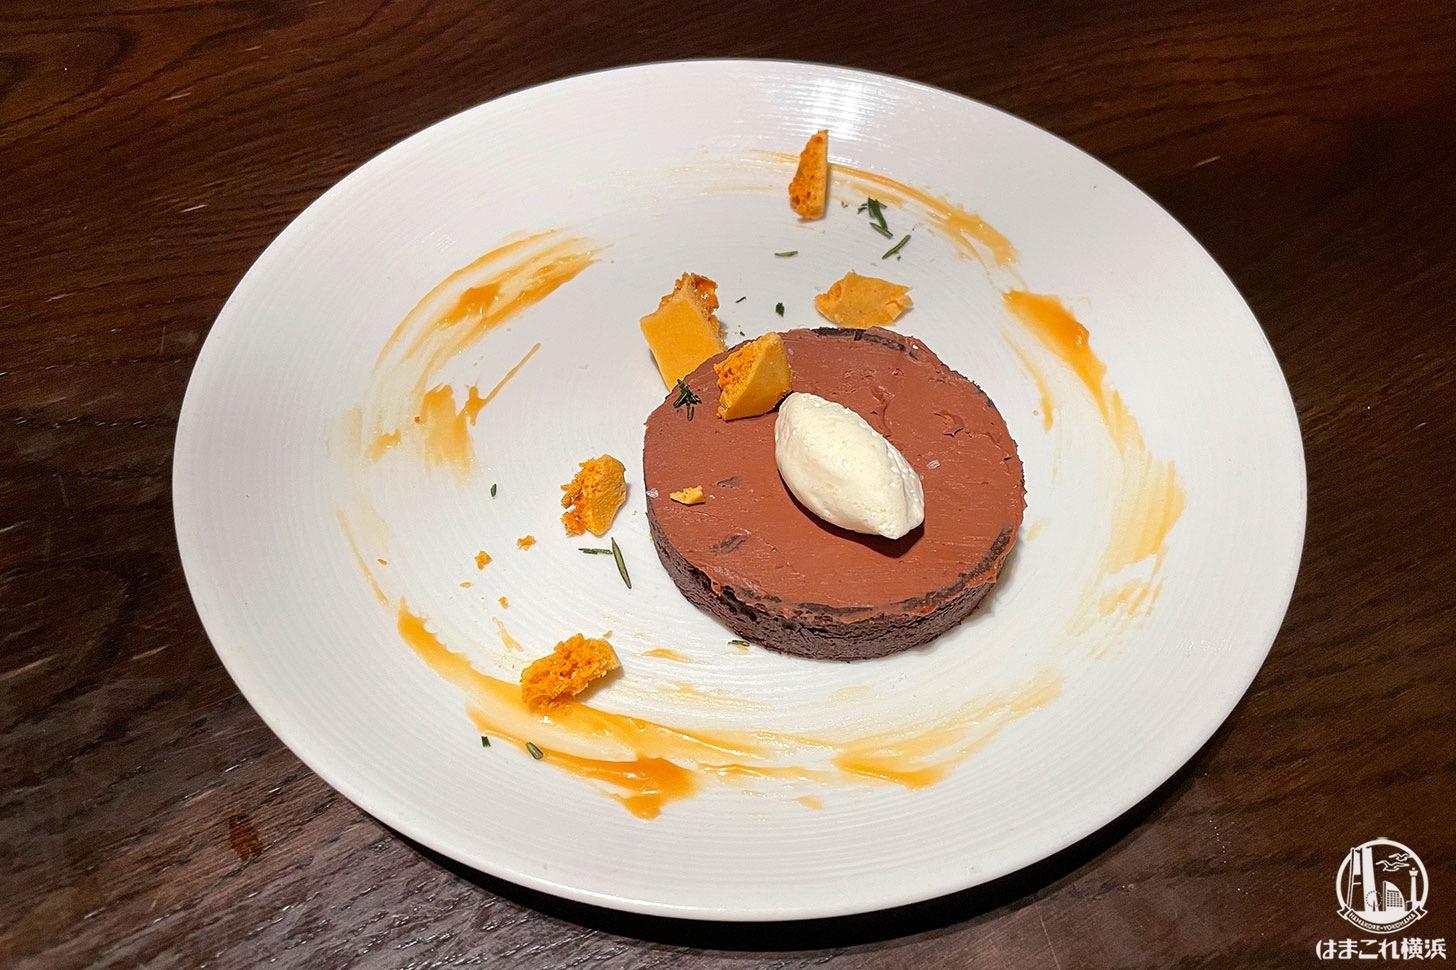 ローズマリー風味のチョコレートブディーノ